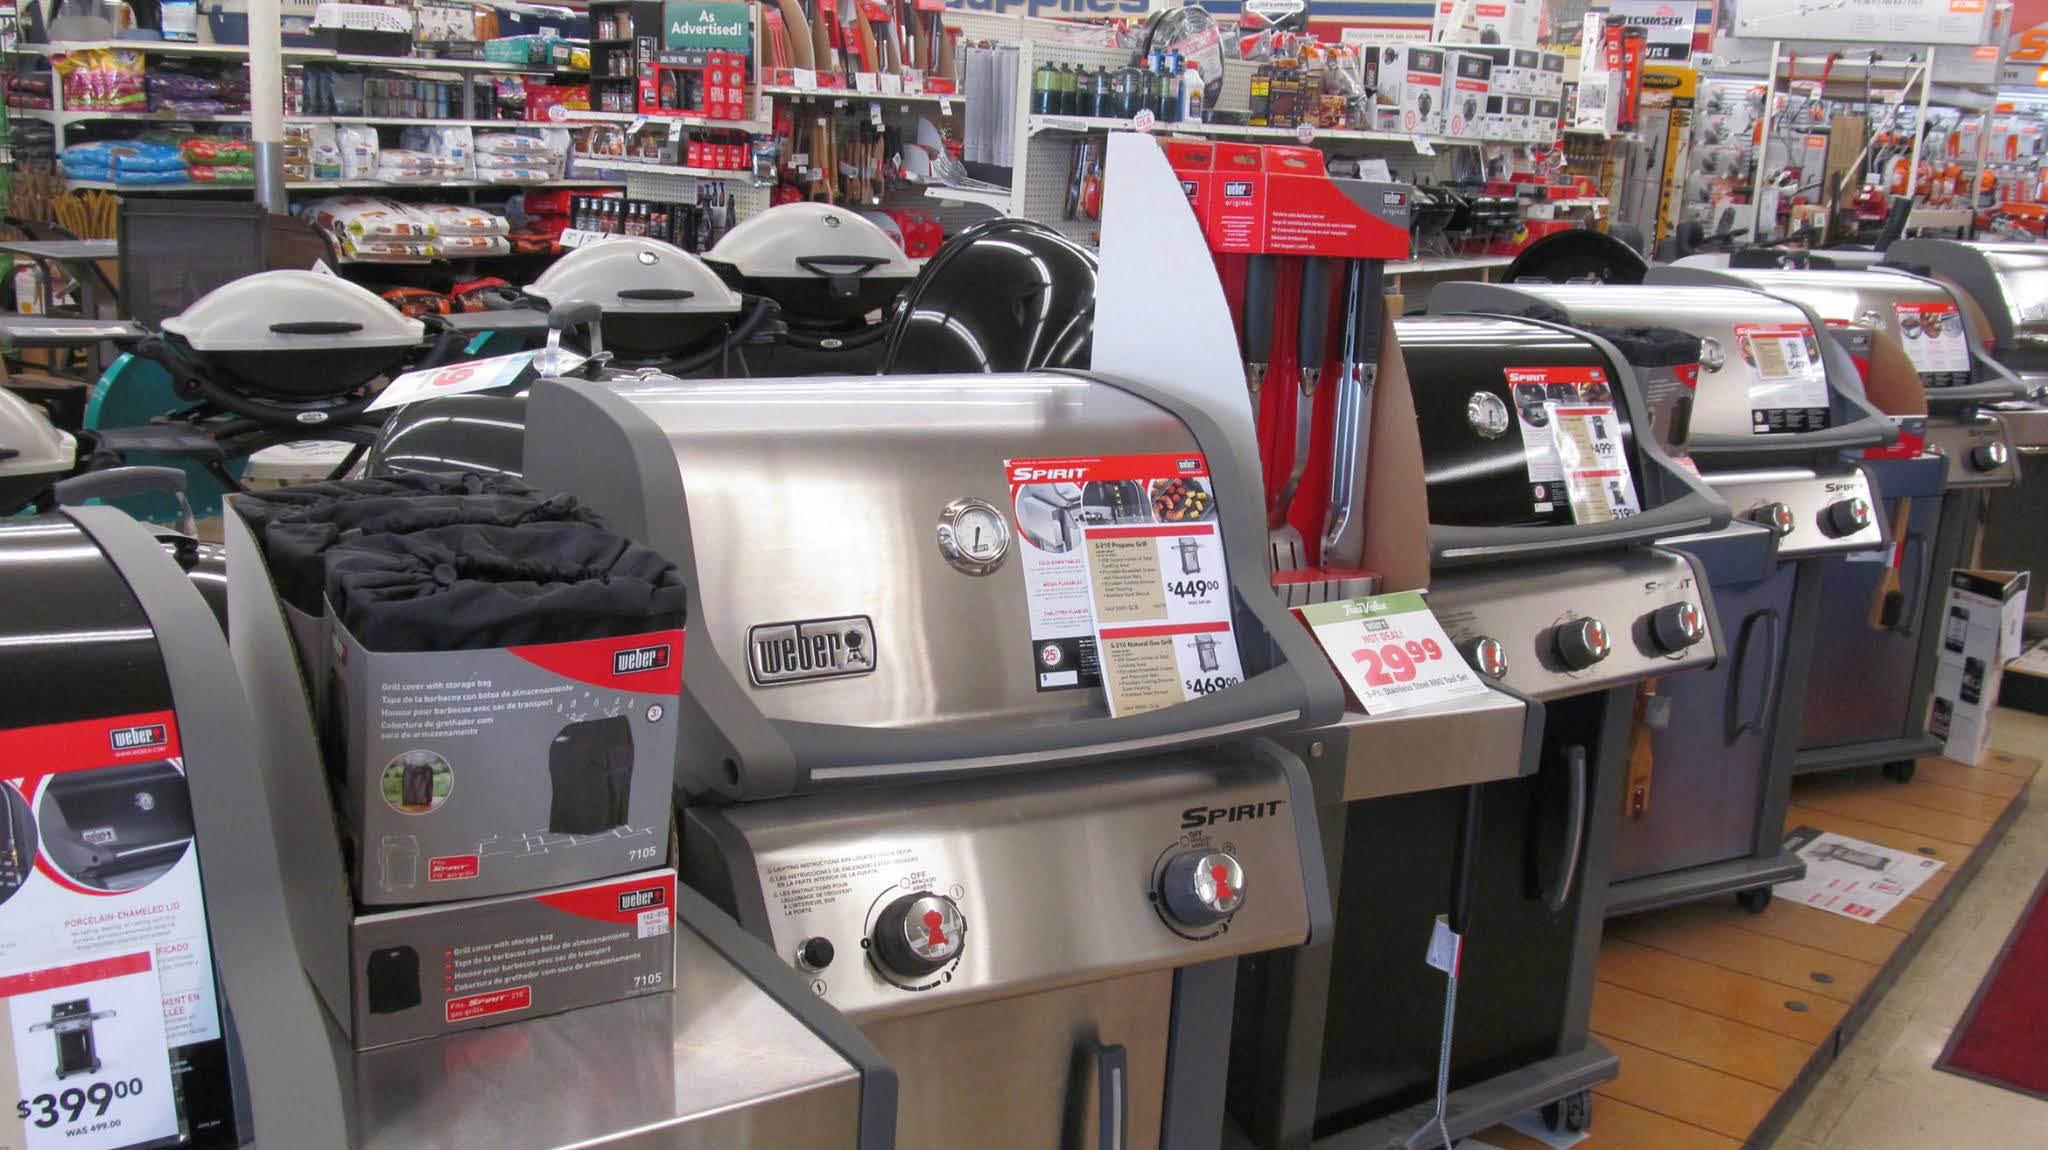 Reinman's True Value neighborhood hardware store near Antioch